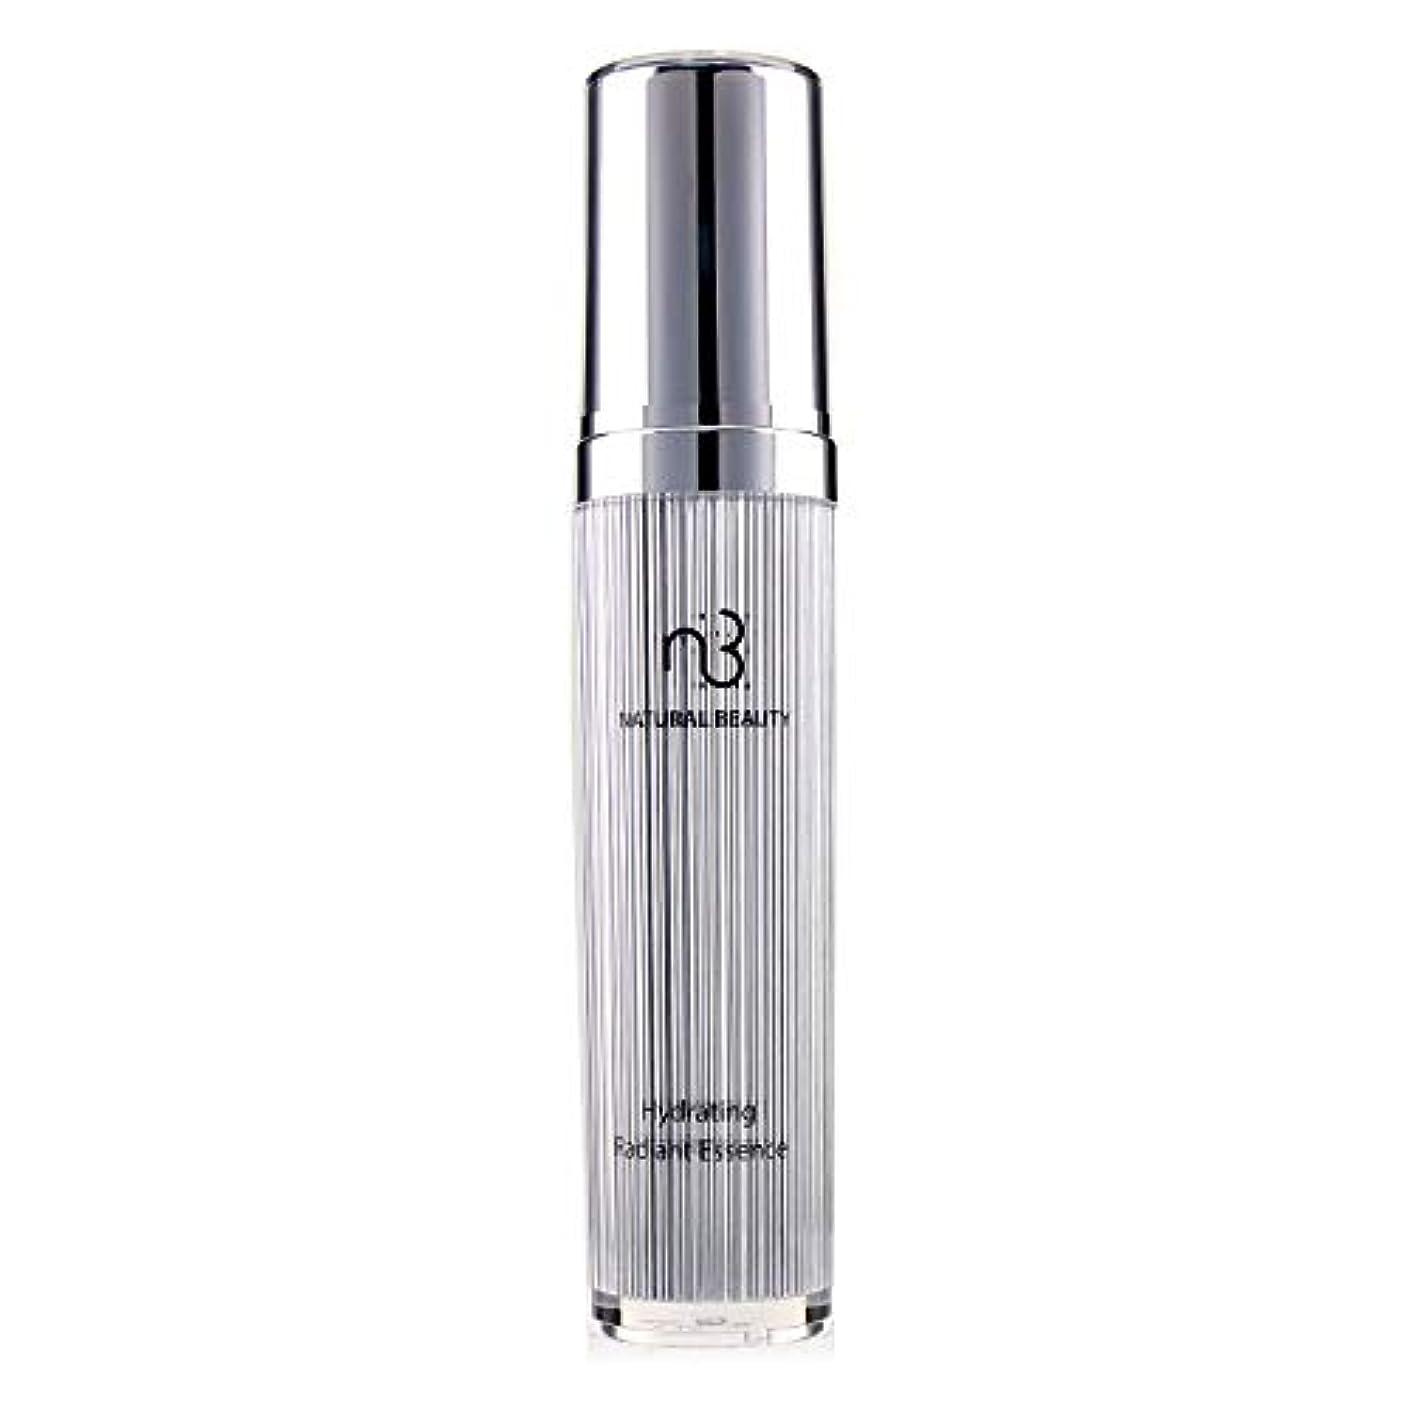 断片統治するガジュマル自然の美 ハイドレイティングラディアントエッセンス Natural Beauty Hydrating Radiant Essence 50ml/1.7oz並行輸入品